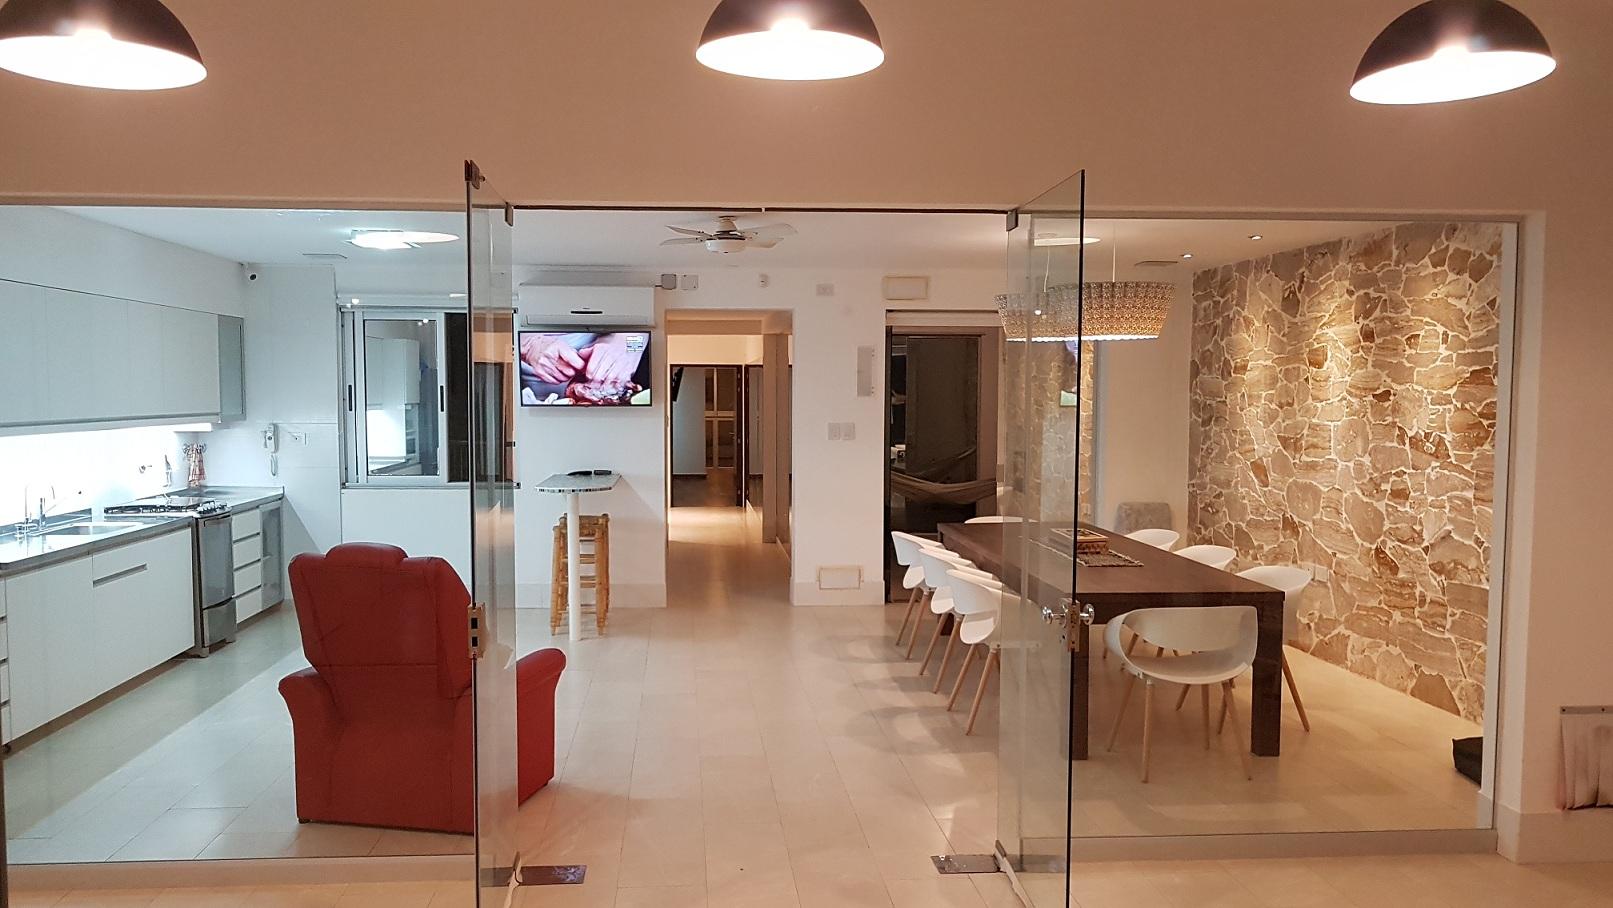 Casa en venta Barranquitas 2 ambientes